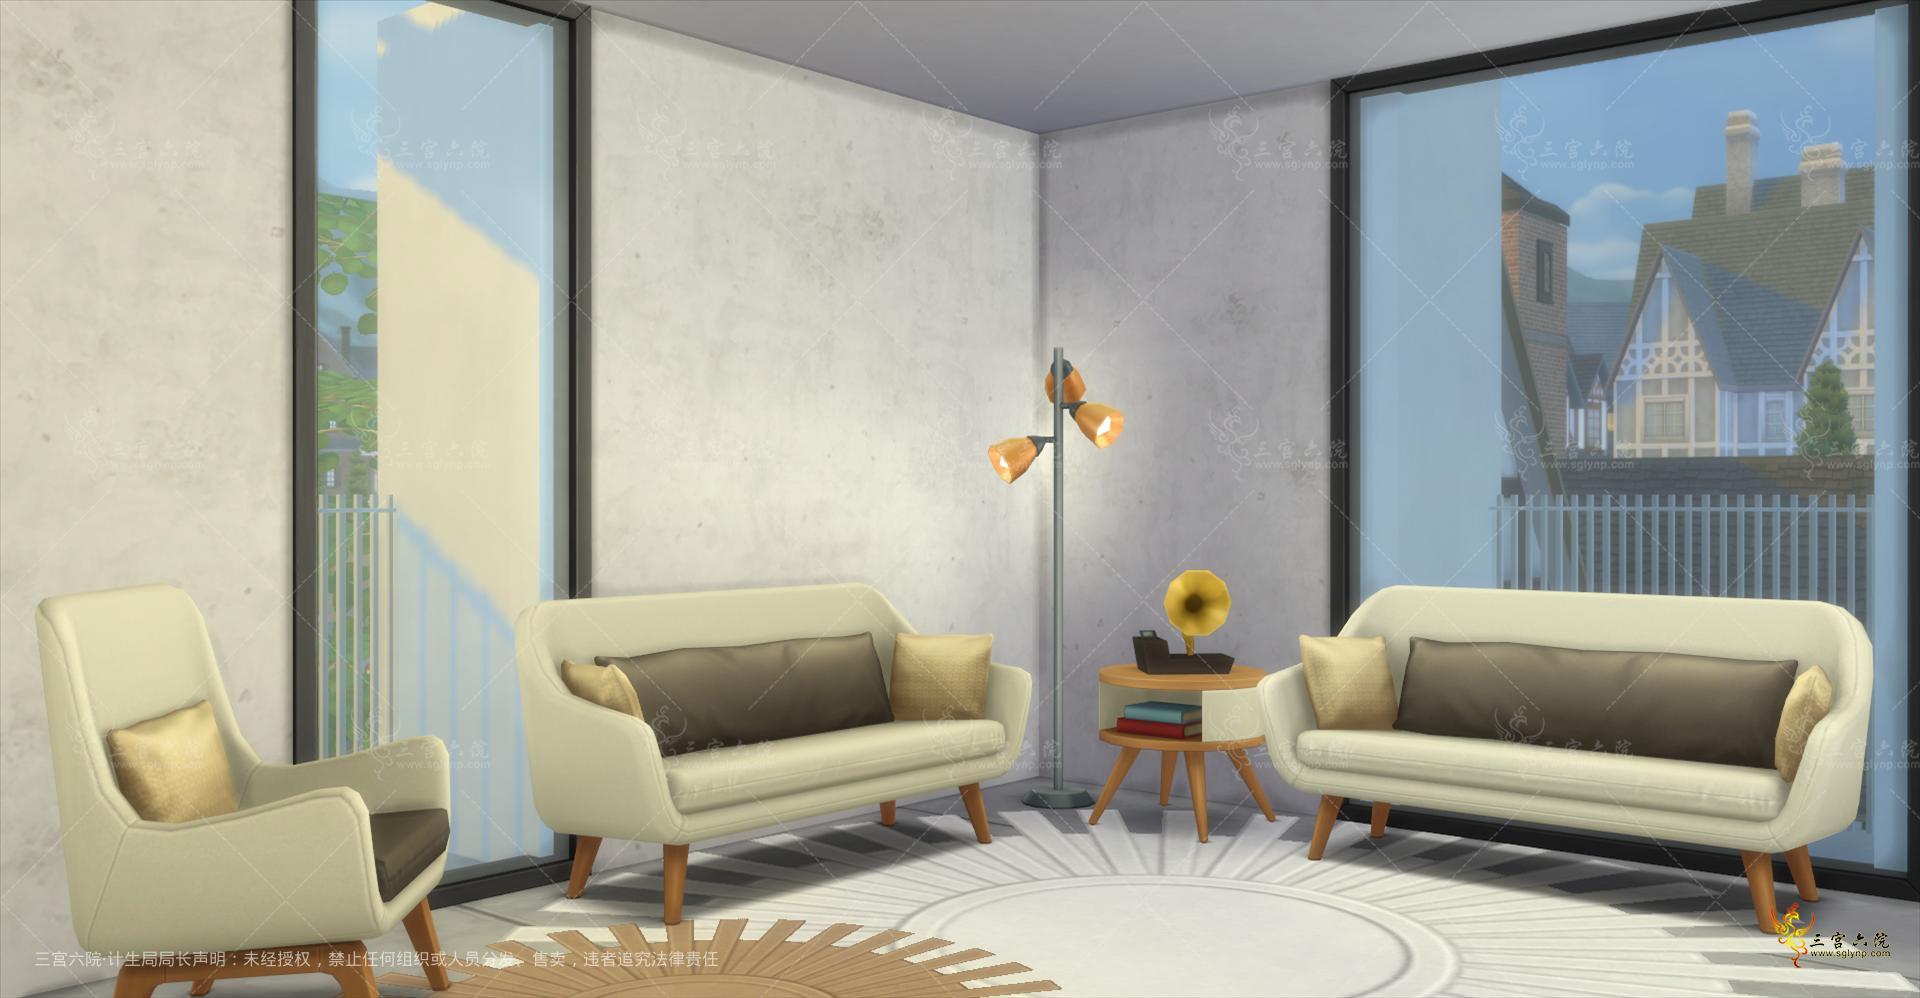 Sims 4 Screenshot 2021.09.19 - 14.06.40.53.png